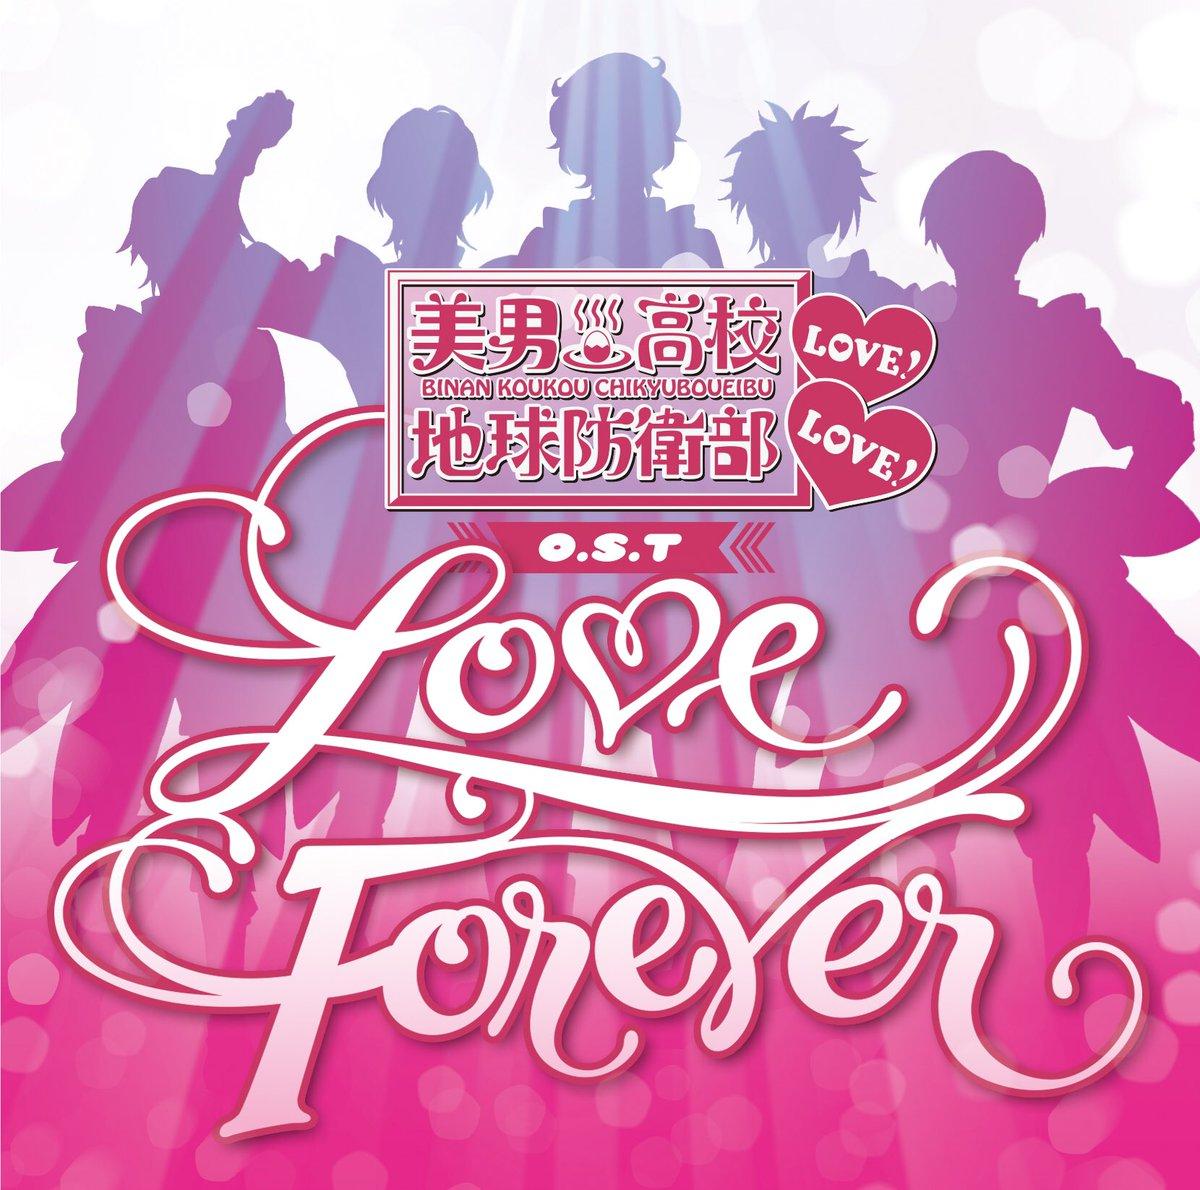 【11/30発売】美男高校地球防衛部LOVE!LOVE!のOST「LOVE FOREVER」のジャケット公開!2期の42